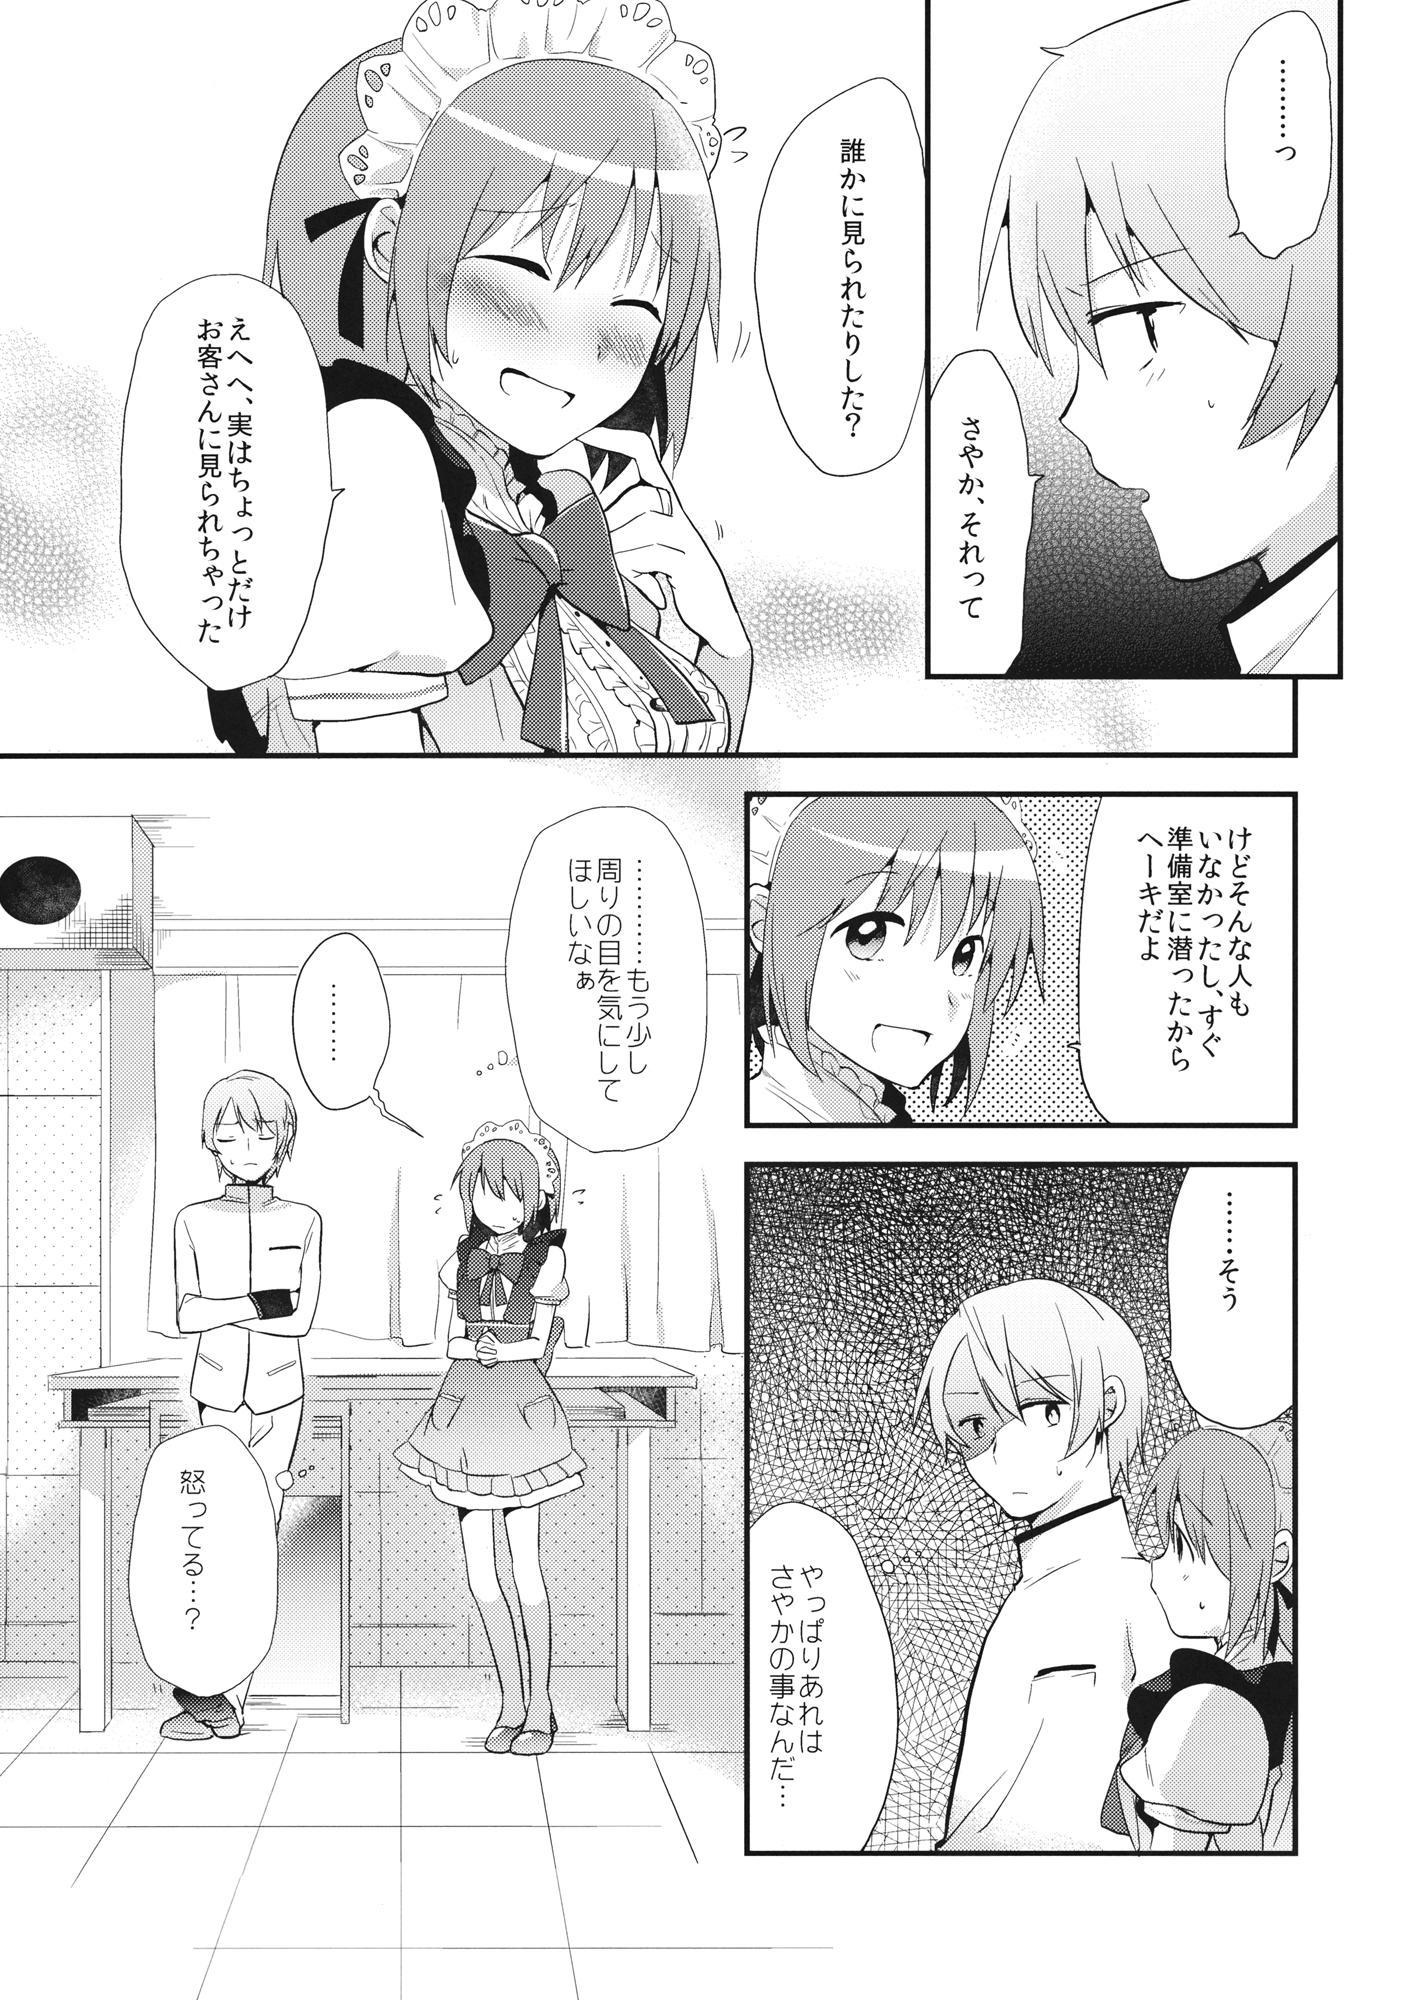 Maid Sayaka ga Gohoushi Shichau Hon 11